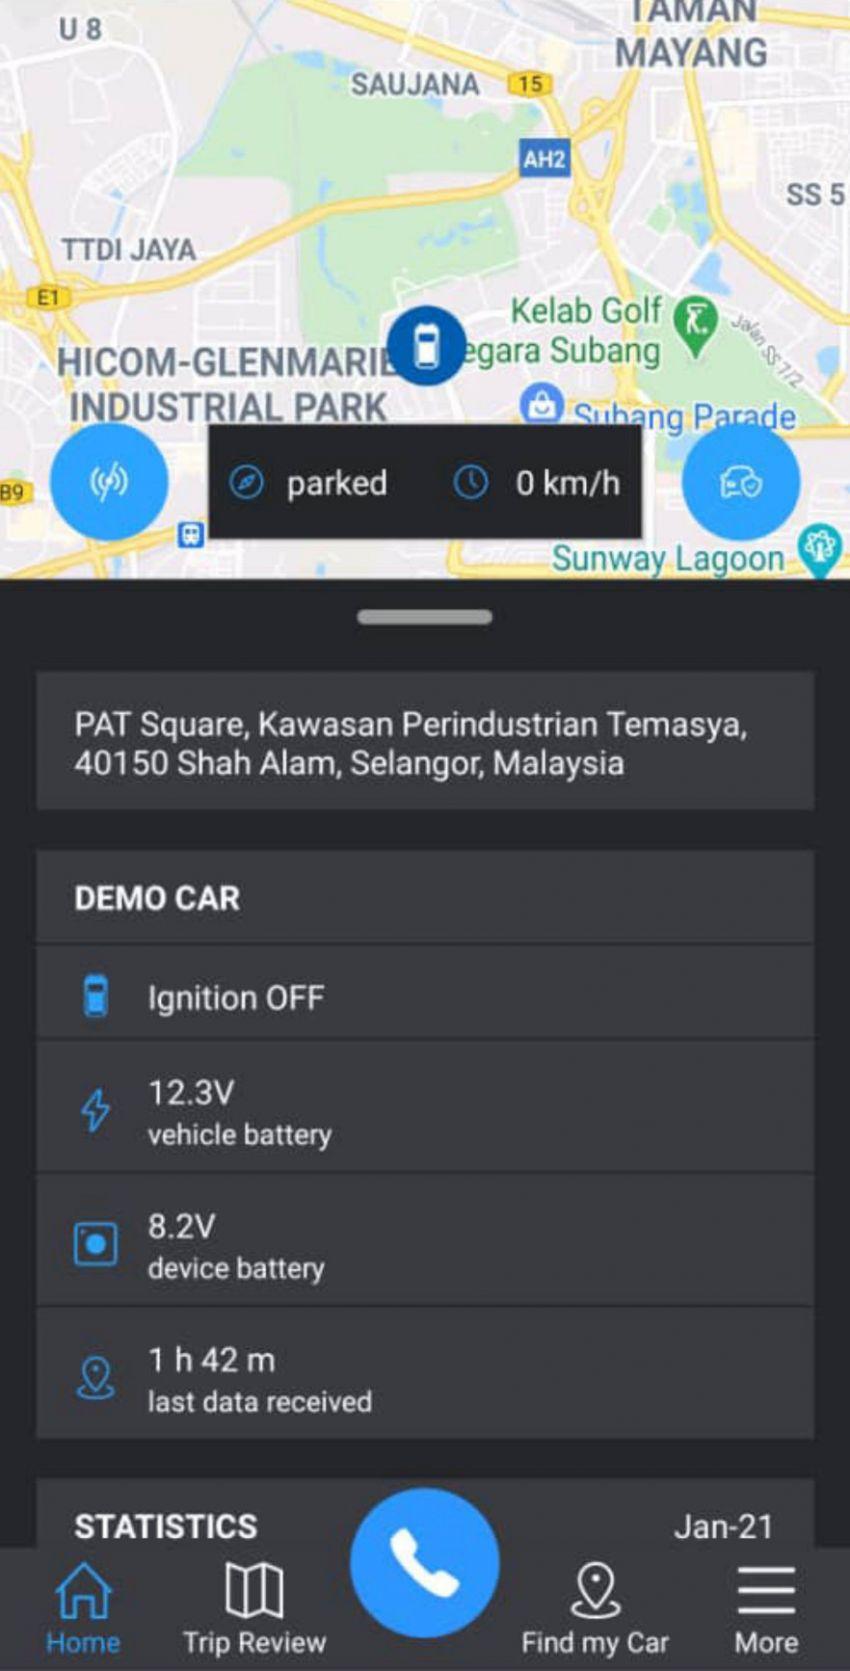 Sistem telematik Subaru Connex  dilancarkan untuk XV dan Forester di Malaysia – RM1,900; boleh retrofit Image #1337154